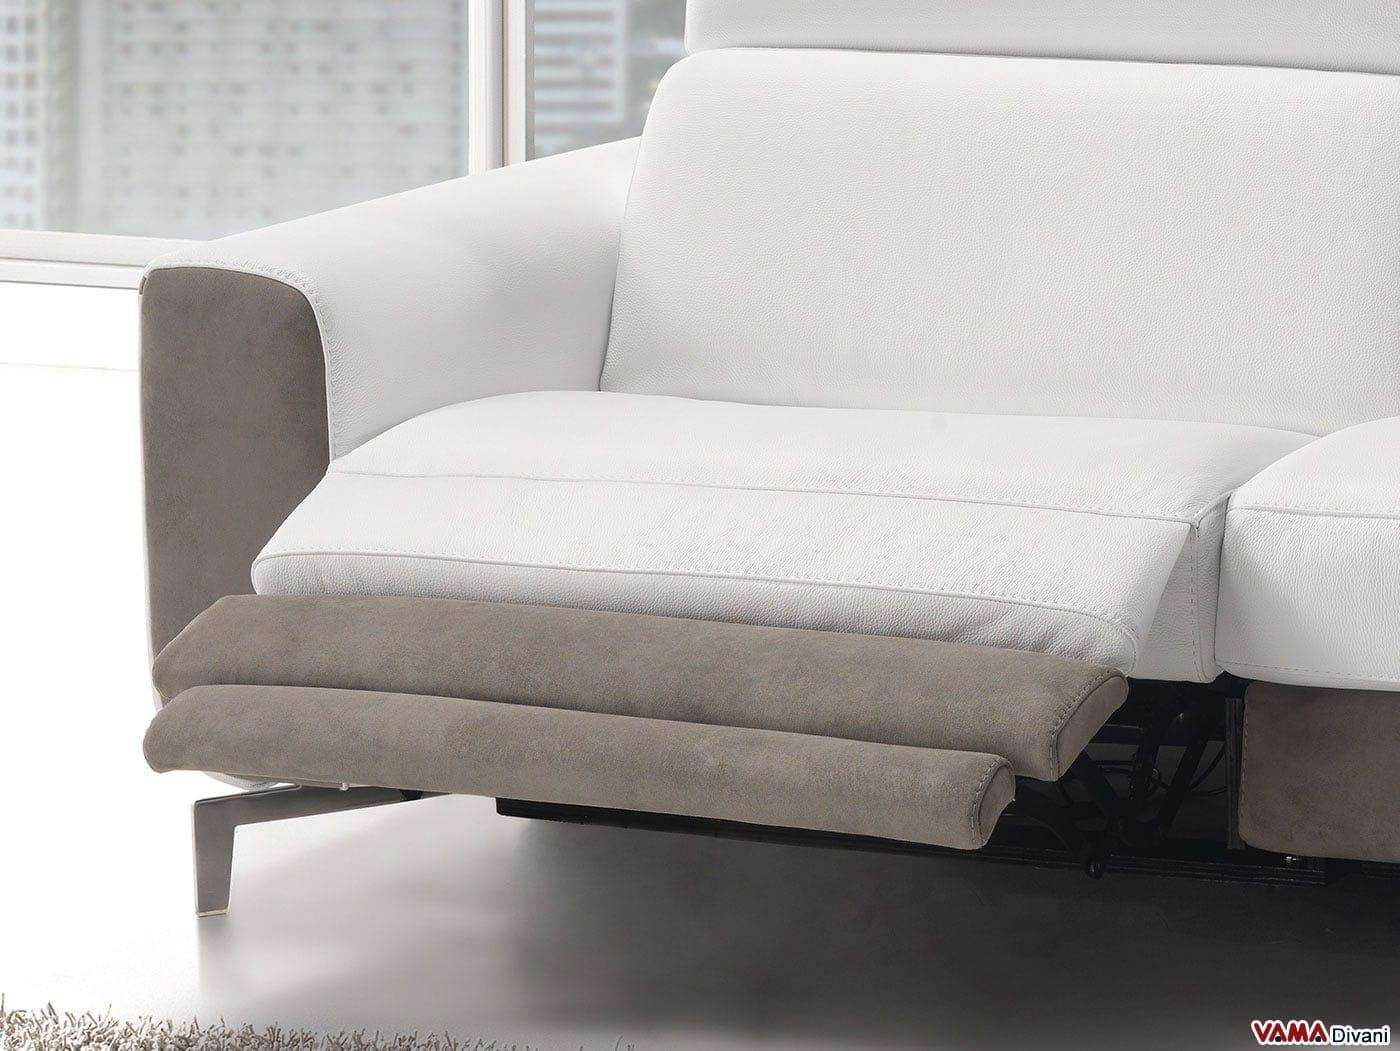 Copridivano per divano relax la migliore scelta di casa e interior design - Copridivano per divano in pelle ...